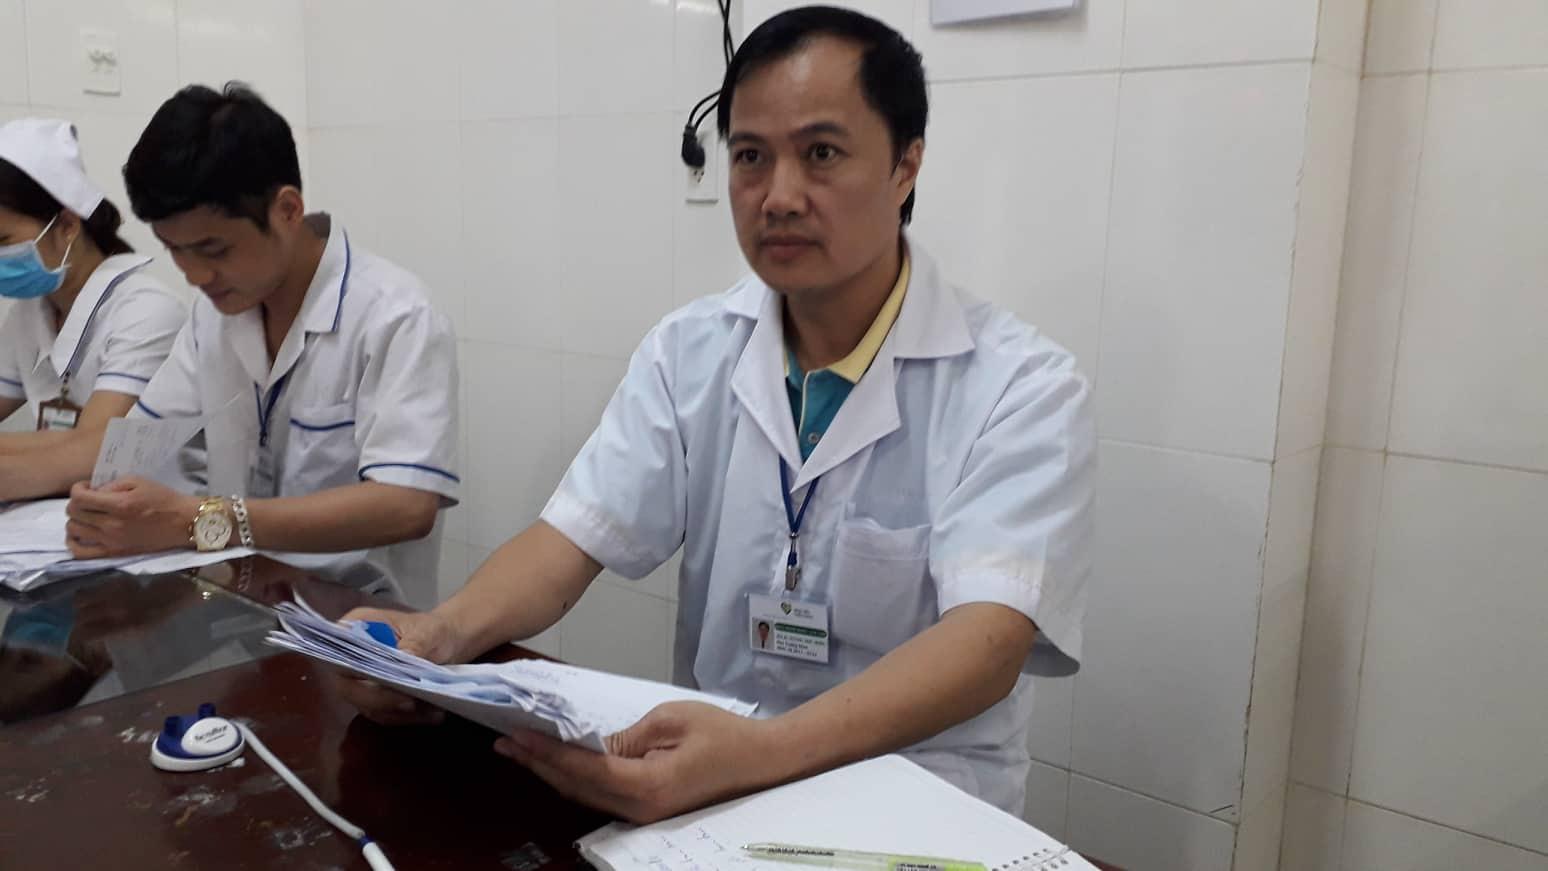 Vụ máy bay Vietjet gặp sự cố: Nhiều hành khách nhập viện vì hoảng loạn, chấn thương sau chuyến bay kinh hoàng - Ảnh 2